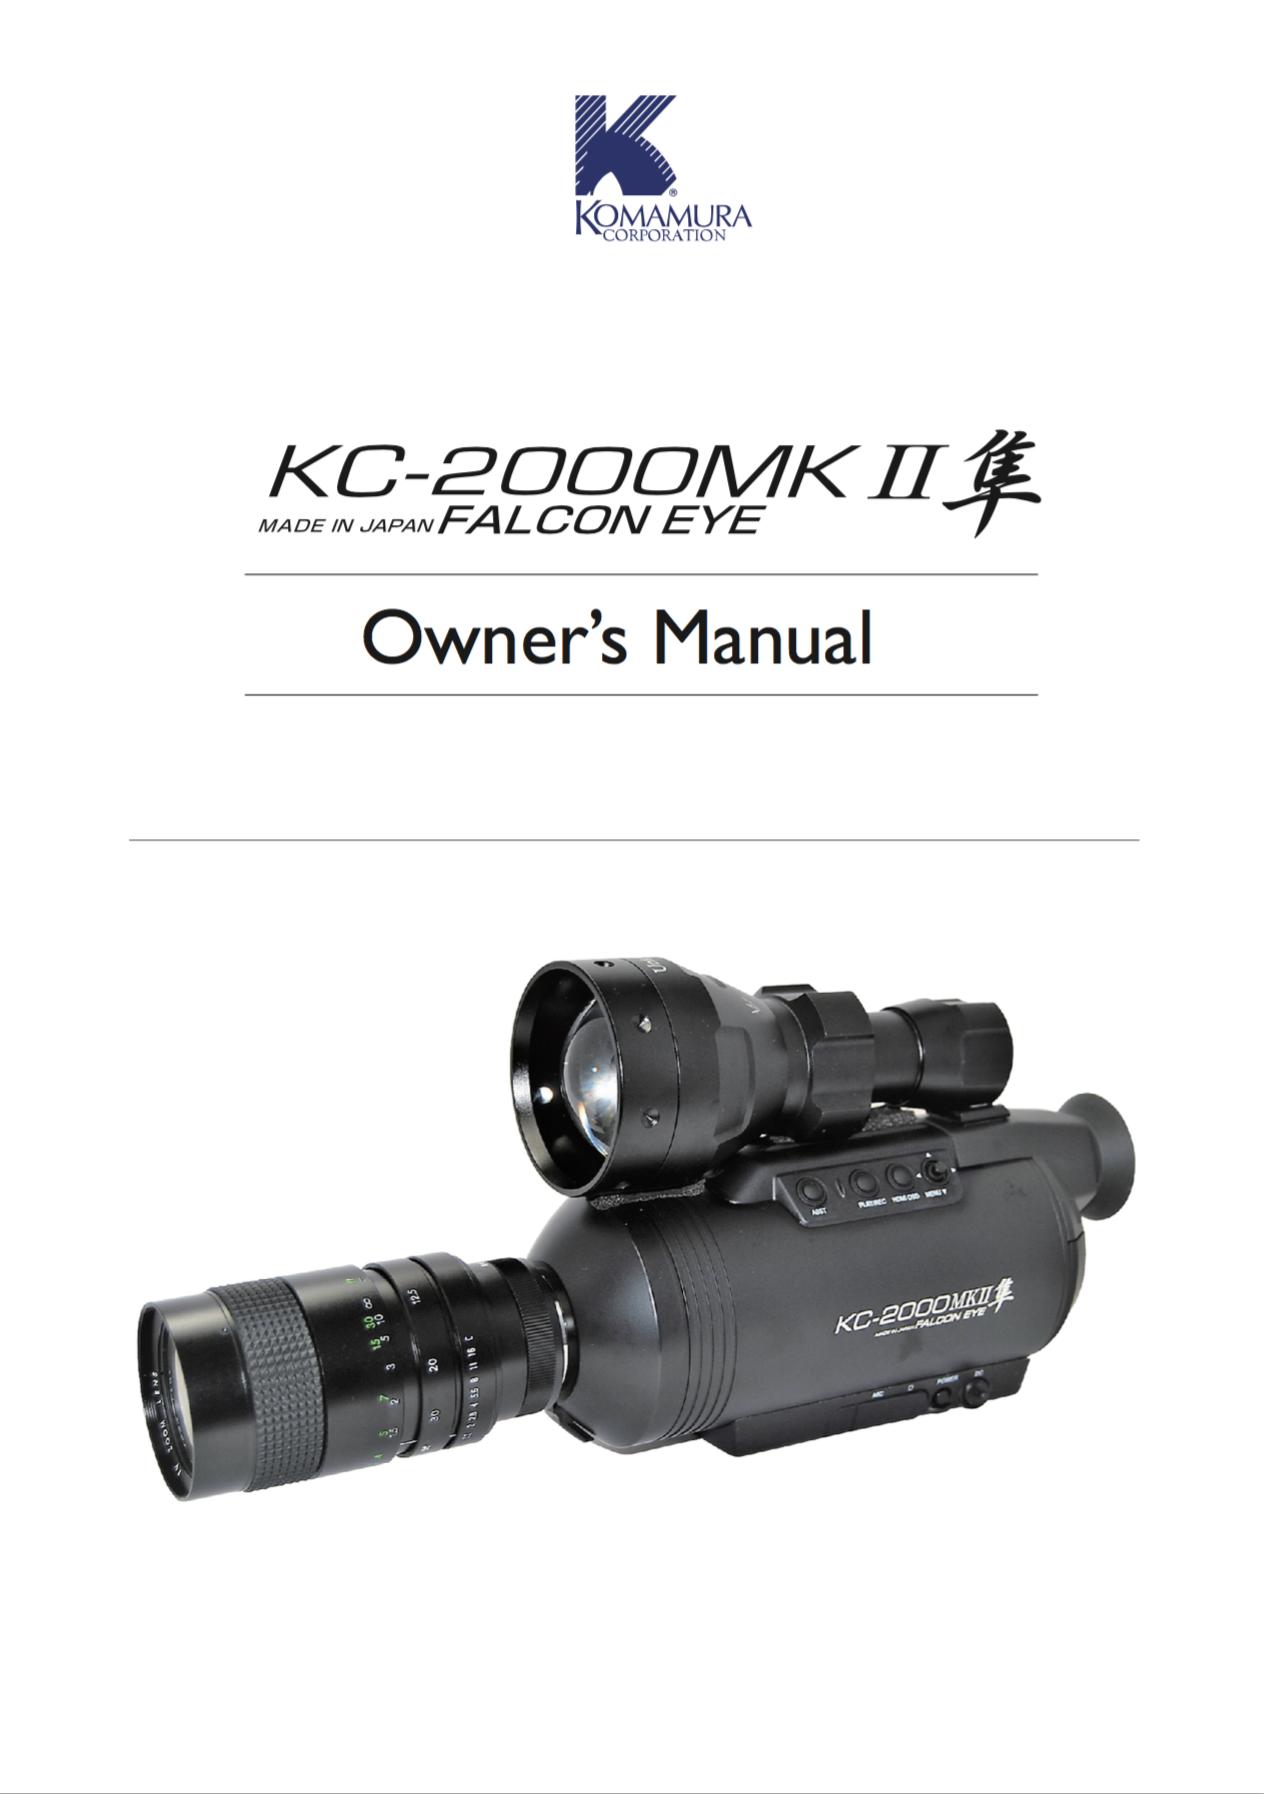 Download Falcon Eye KC-1100 MK2 Manual English pdf file (1.1 MB)